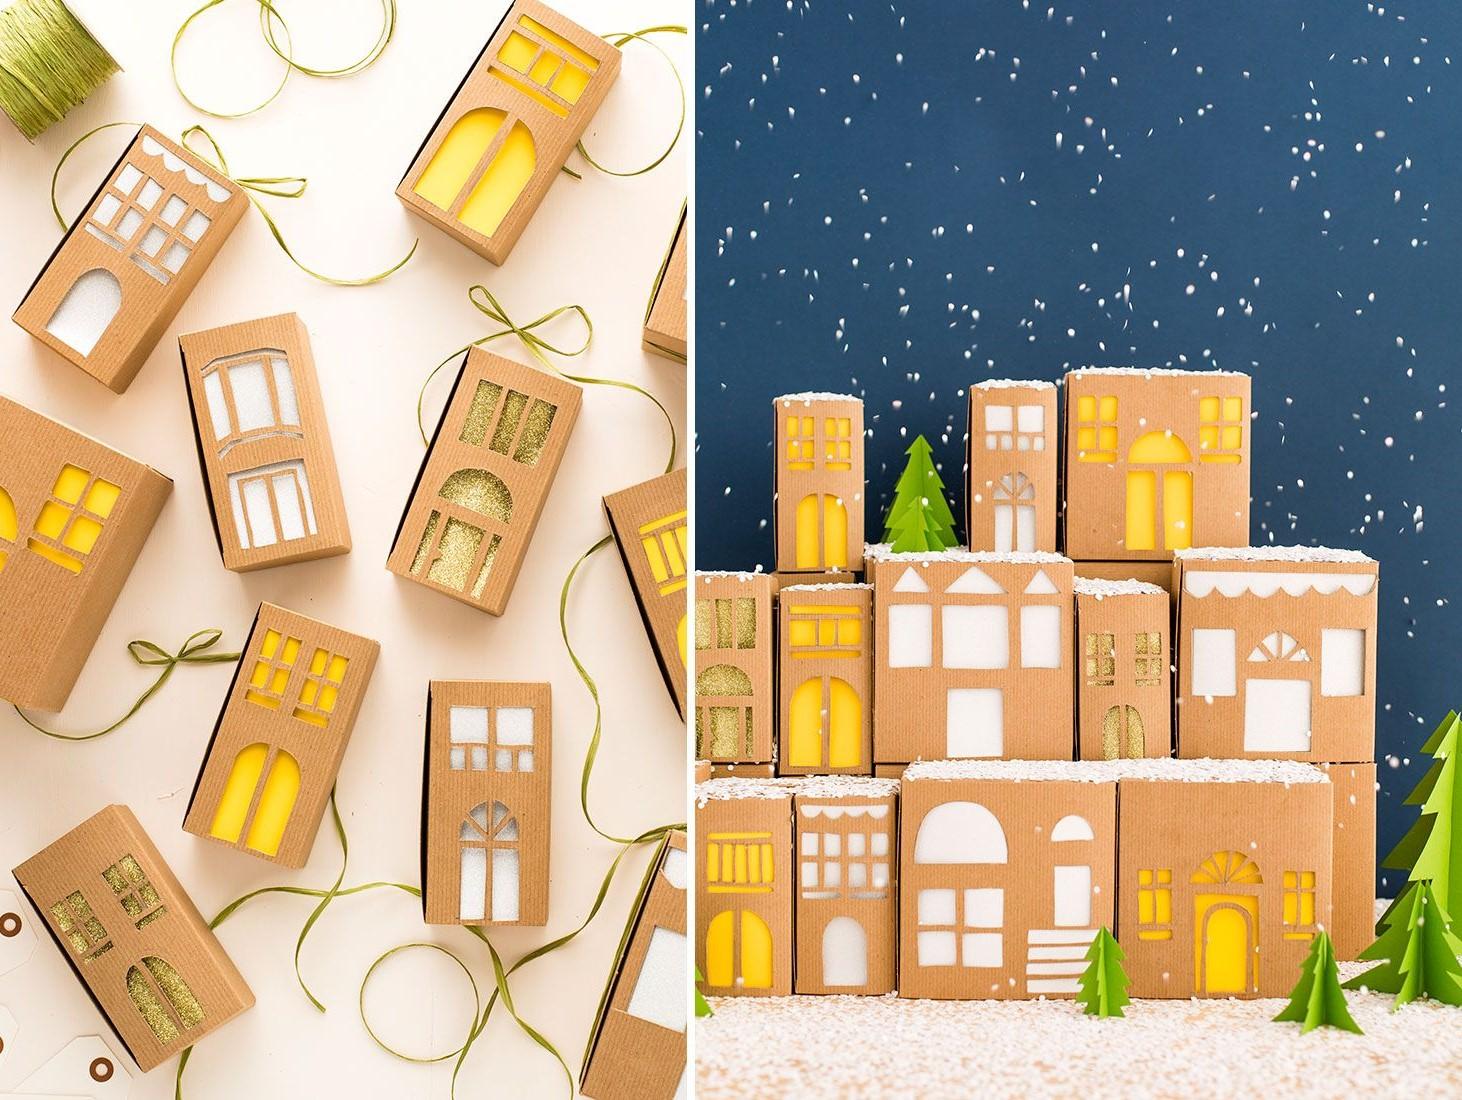 Ville de Noël avec des maisons faites de boîtes en carton.